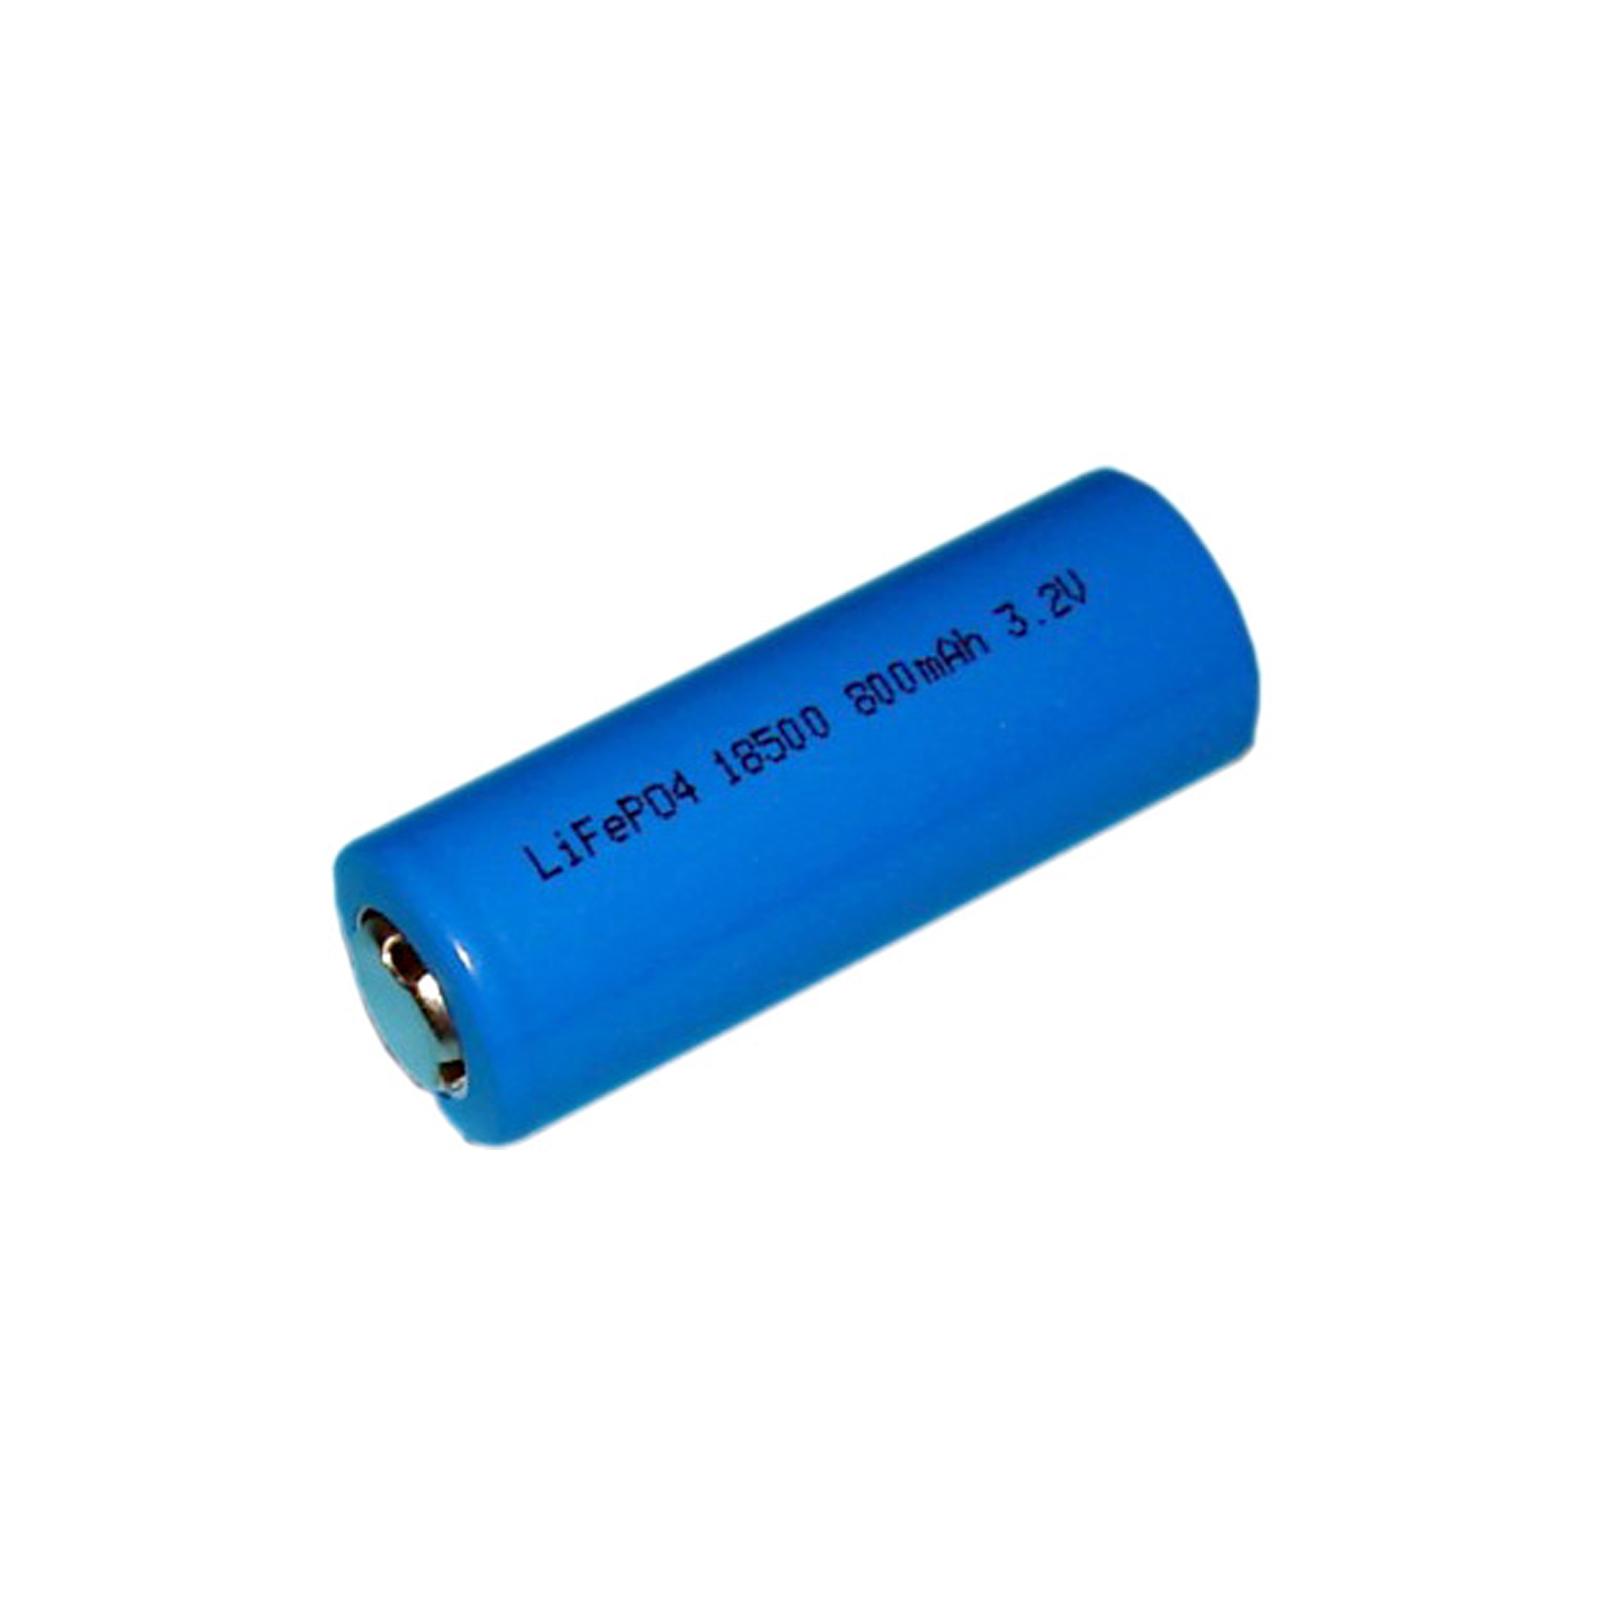 Lifepo4 battery 6v